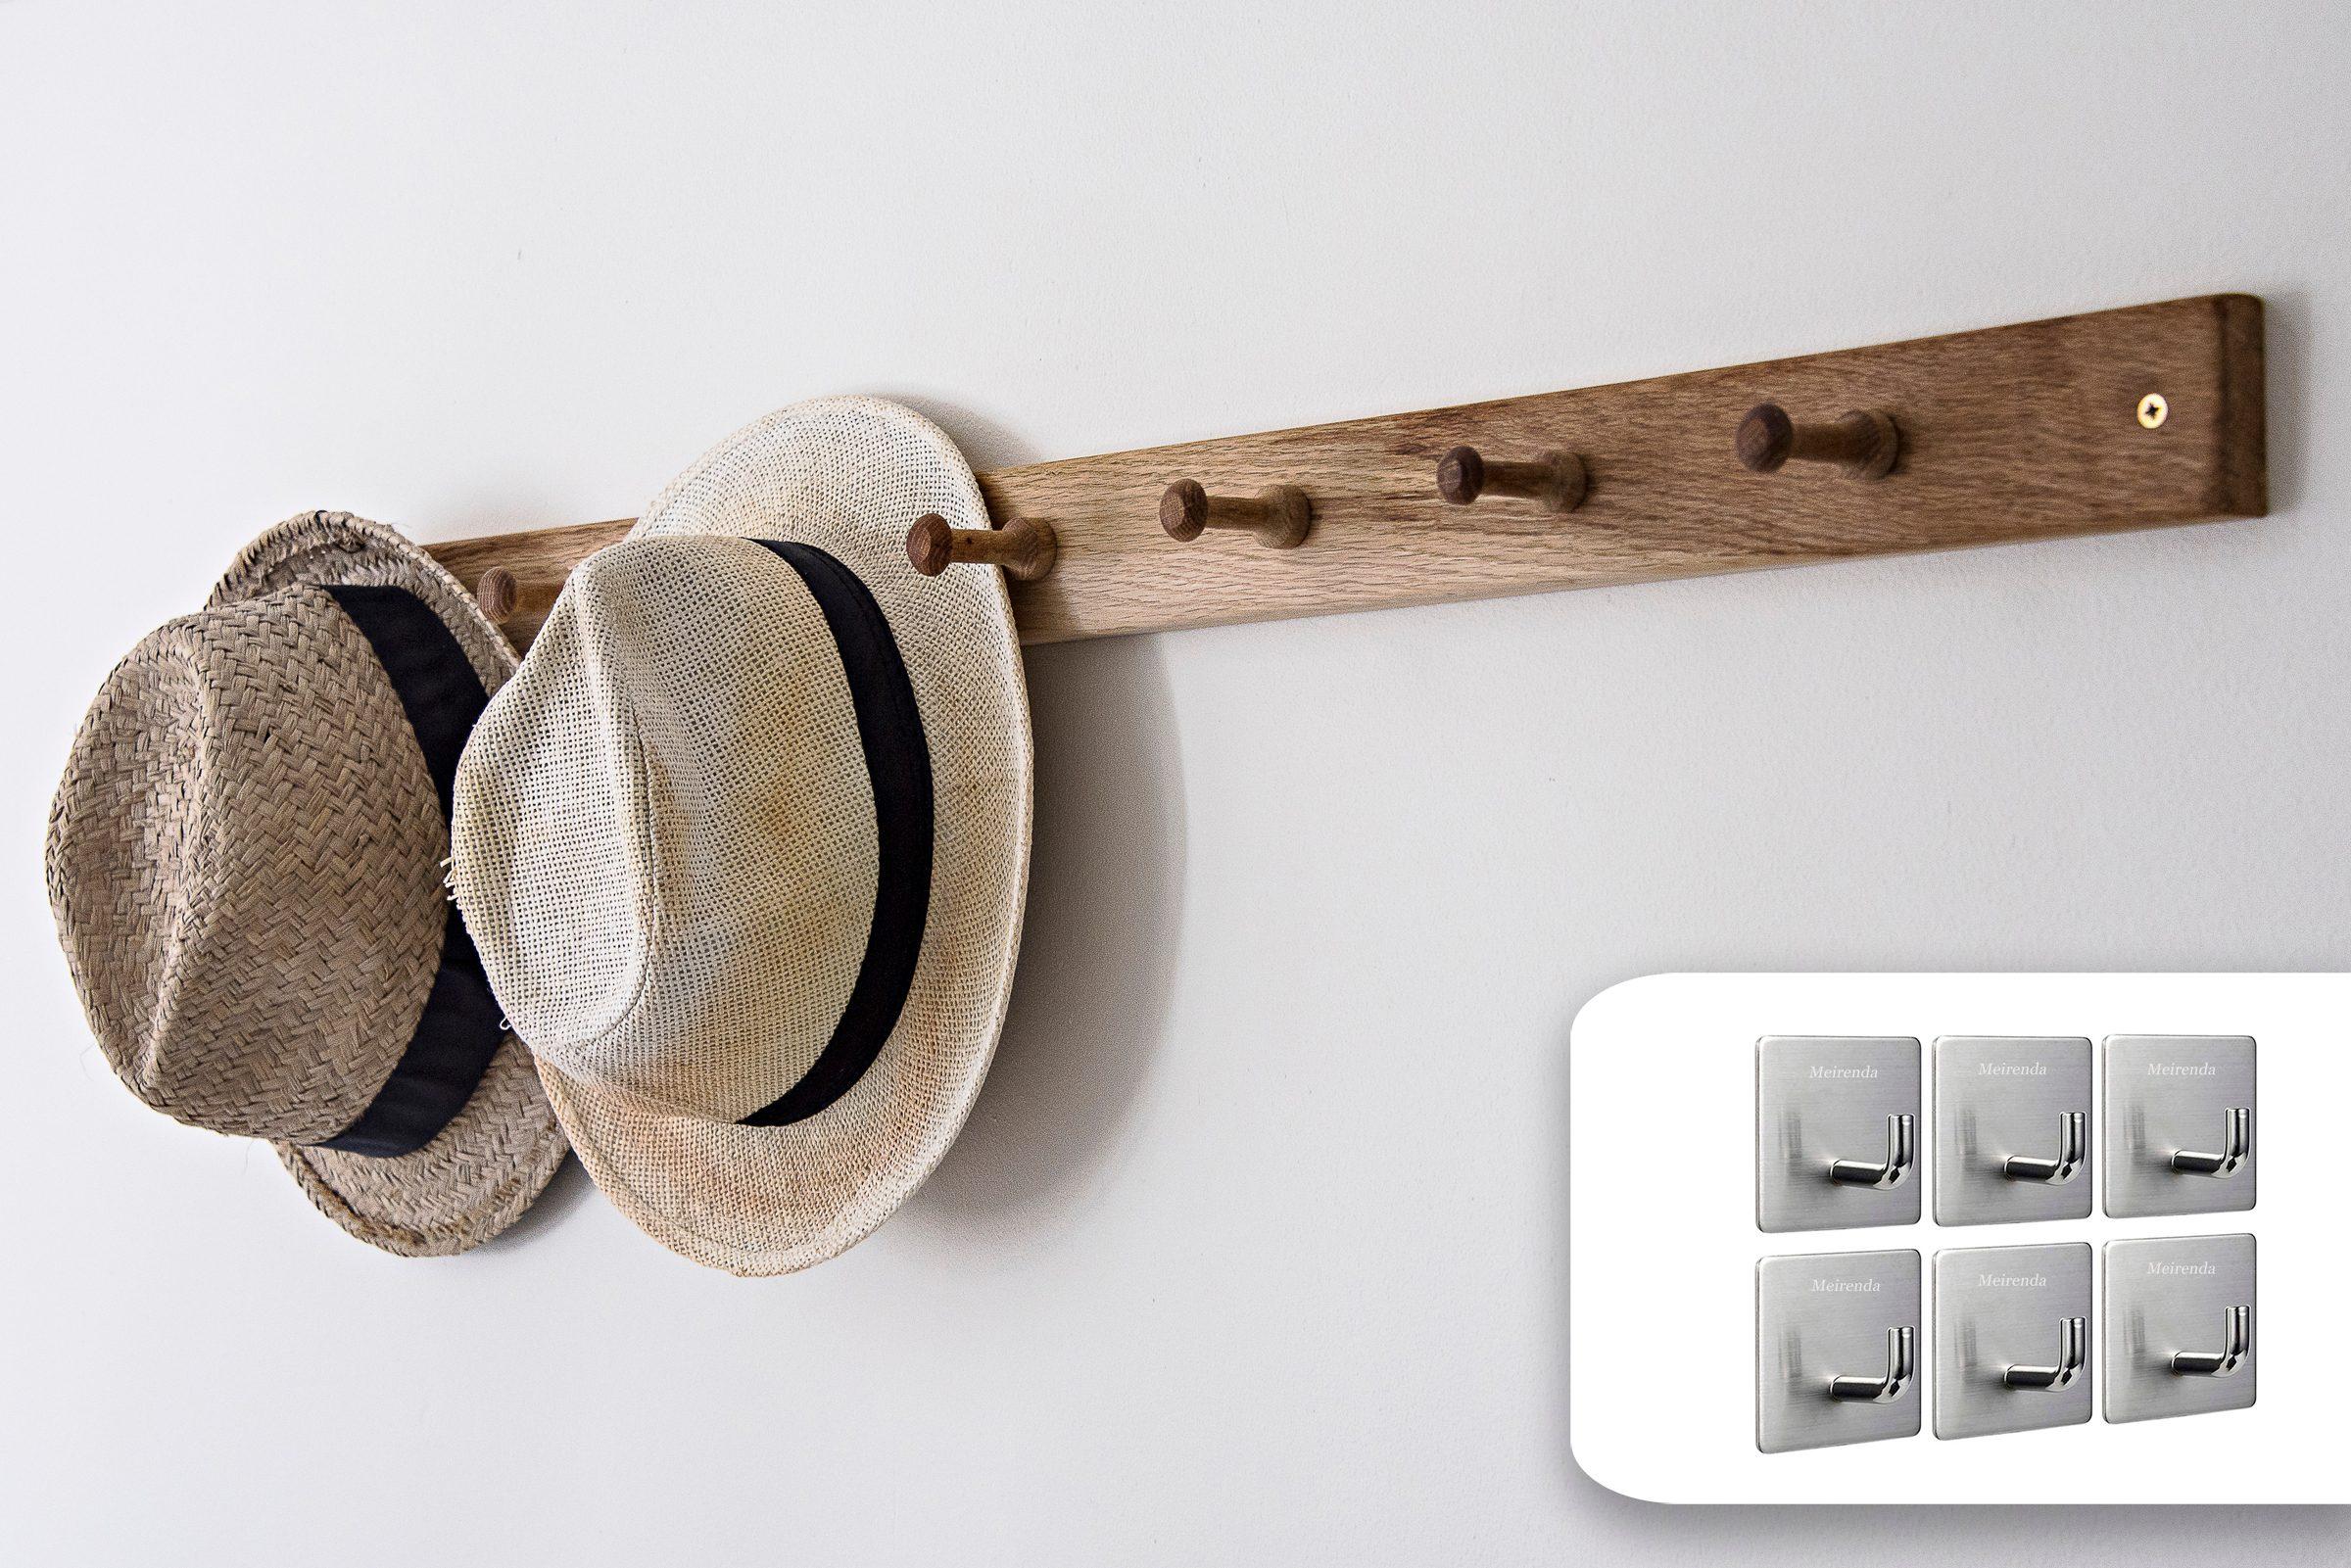 wall hooks organization amazon